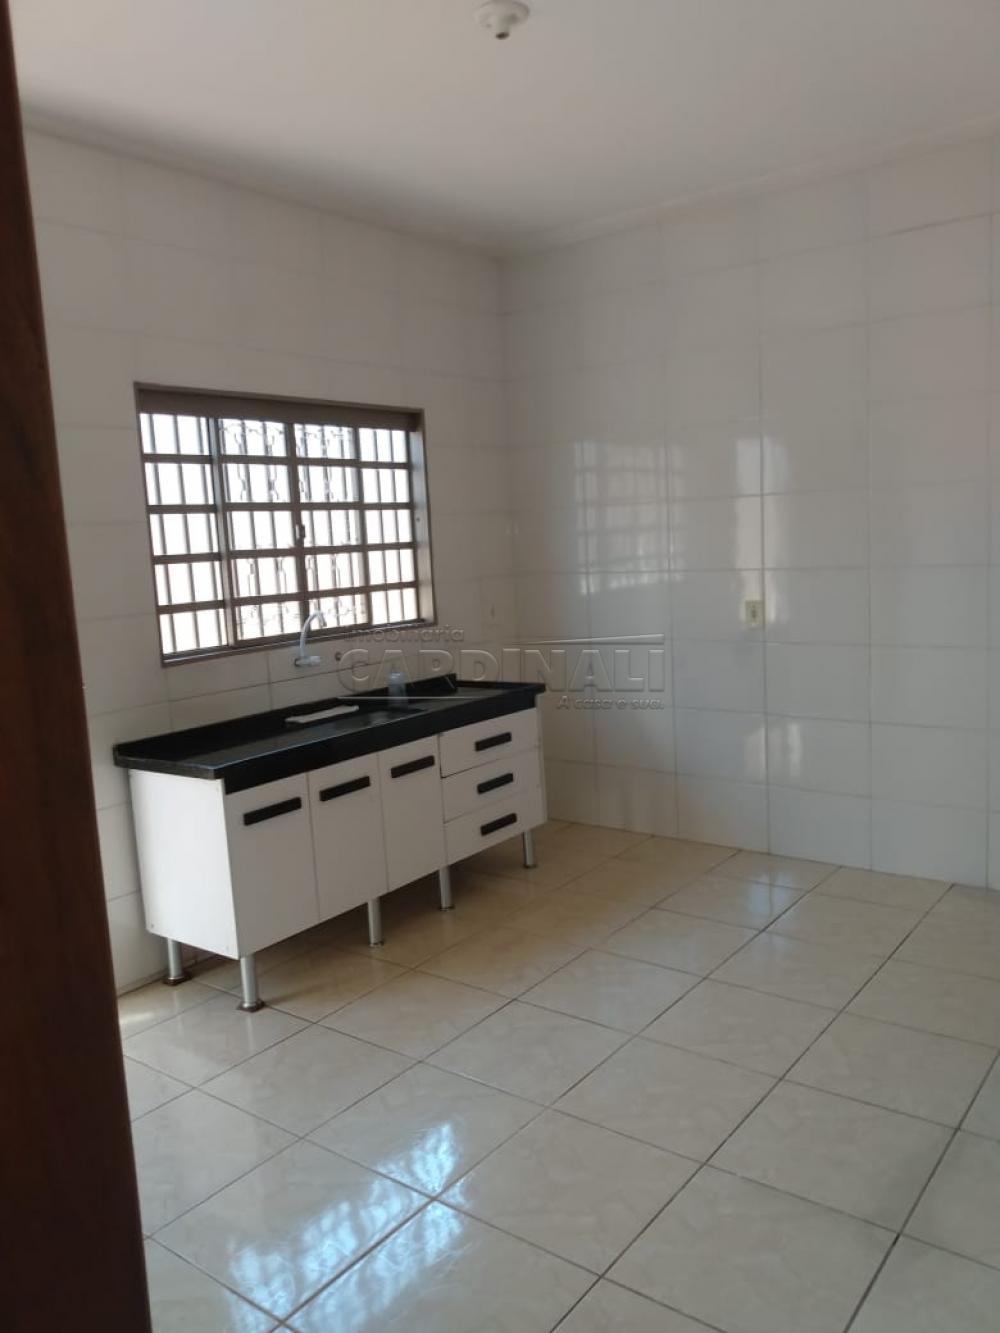 Comprar Casa / Padrão em São Carlos R$ 155.000,00 - Foto 6